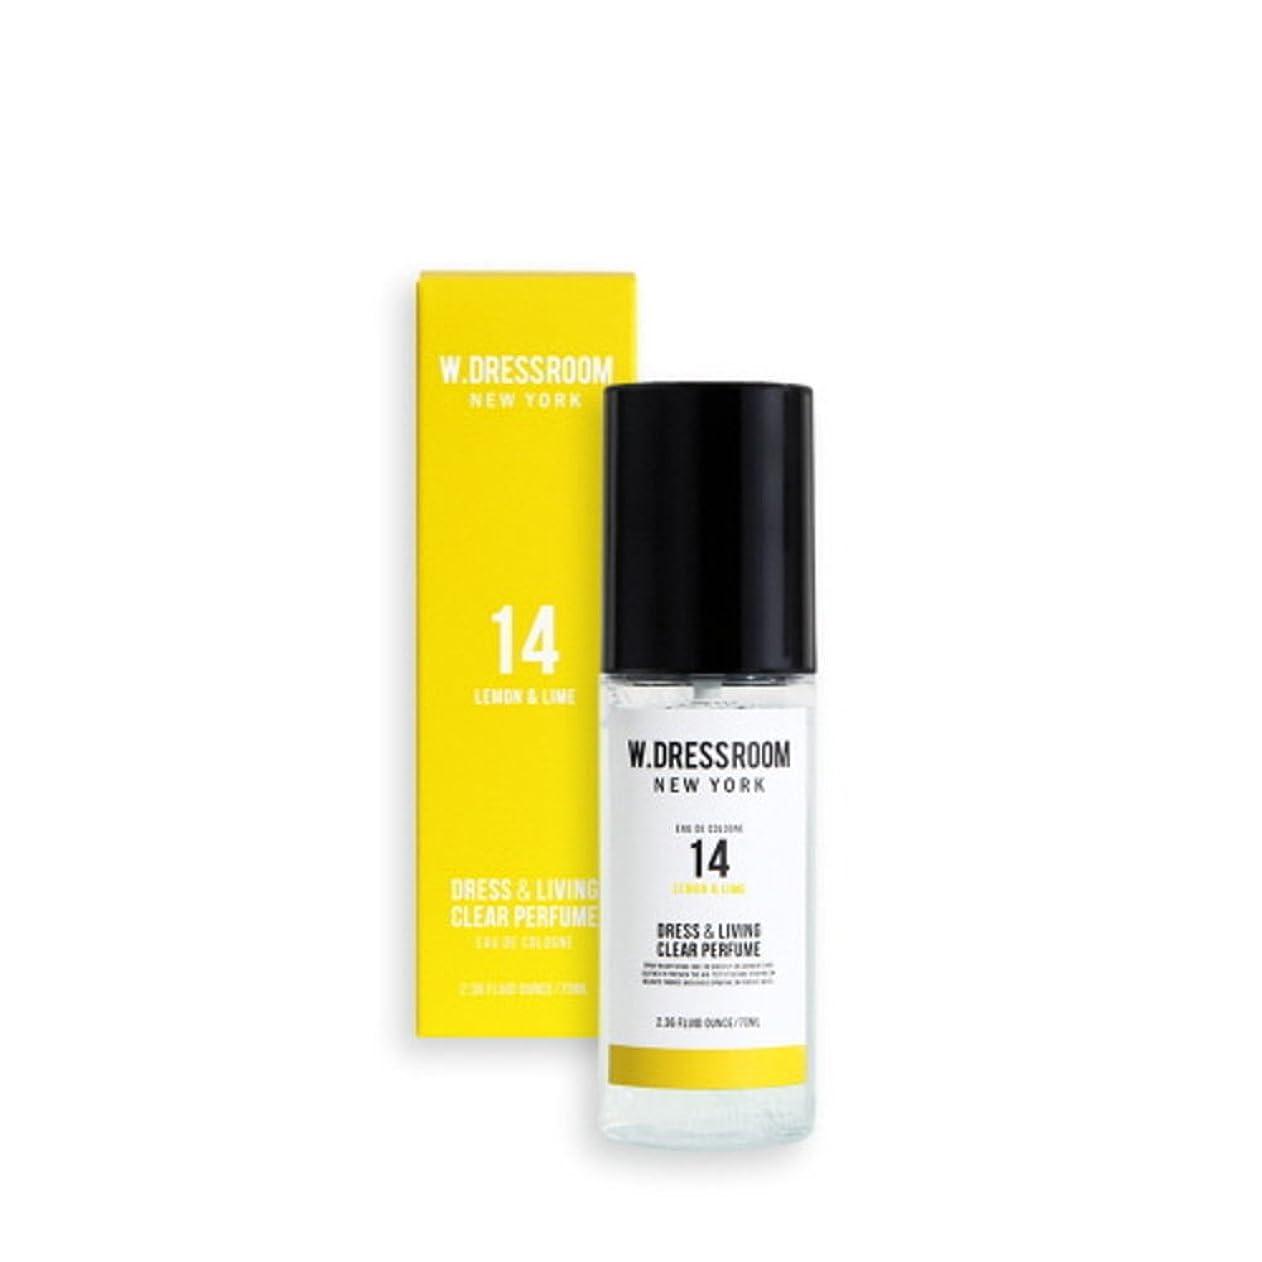 ヘリコプター感性謝罪するW.DRESSROOM Dress & Living Clear Perfume fragrance 70ml (#No.14 Lemon & Lime)/ダブルドレスルーム ドレス&リビング クリア パフューム 70ml (#No.14 Lemon & Lime)